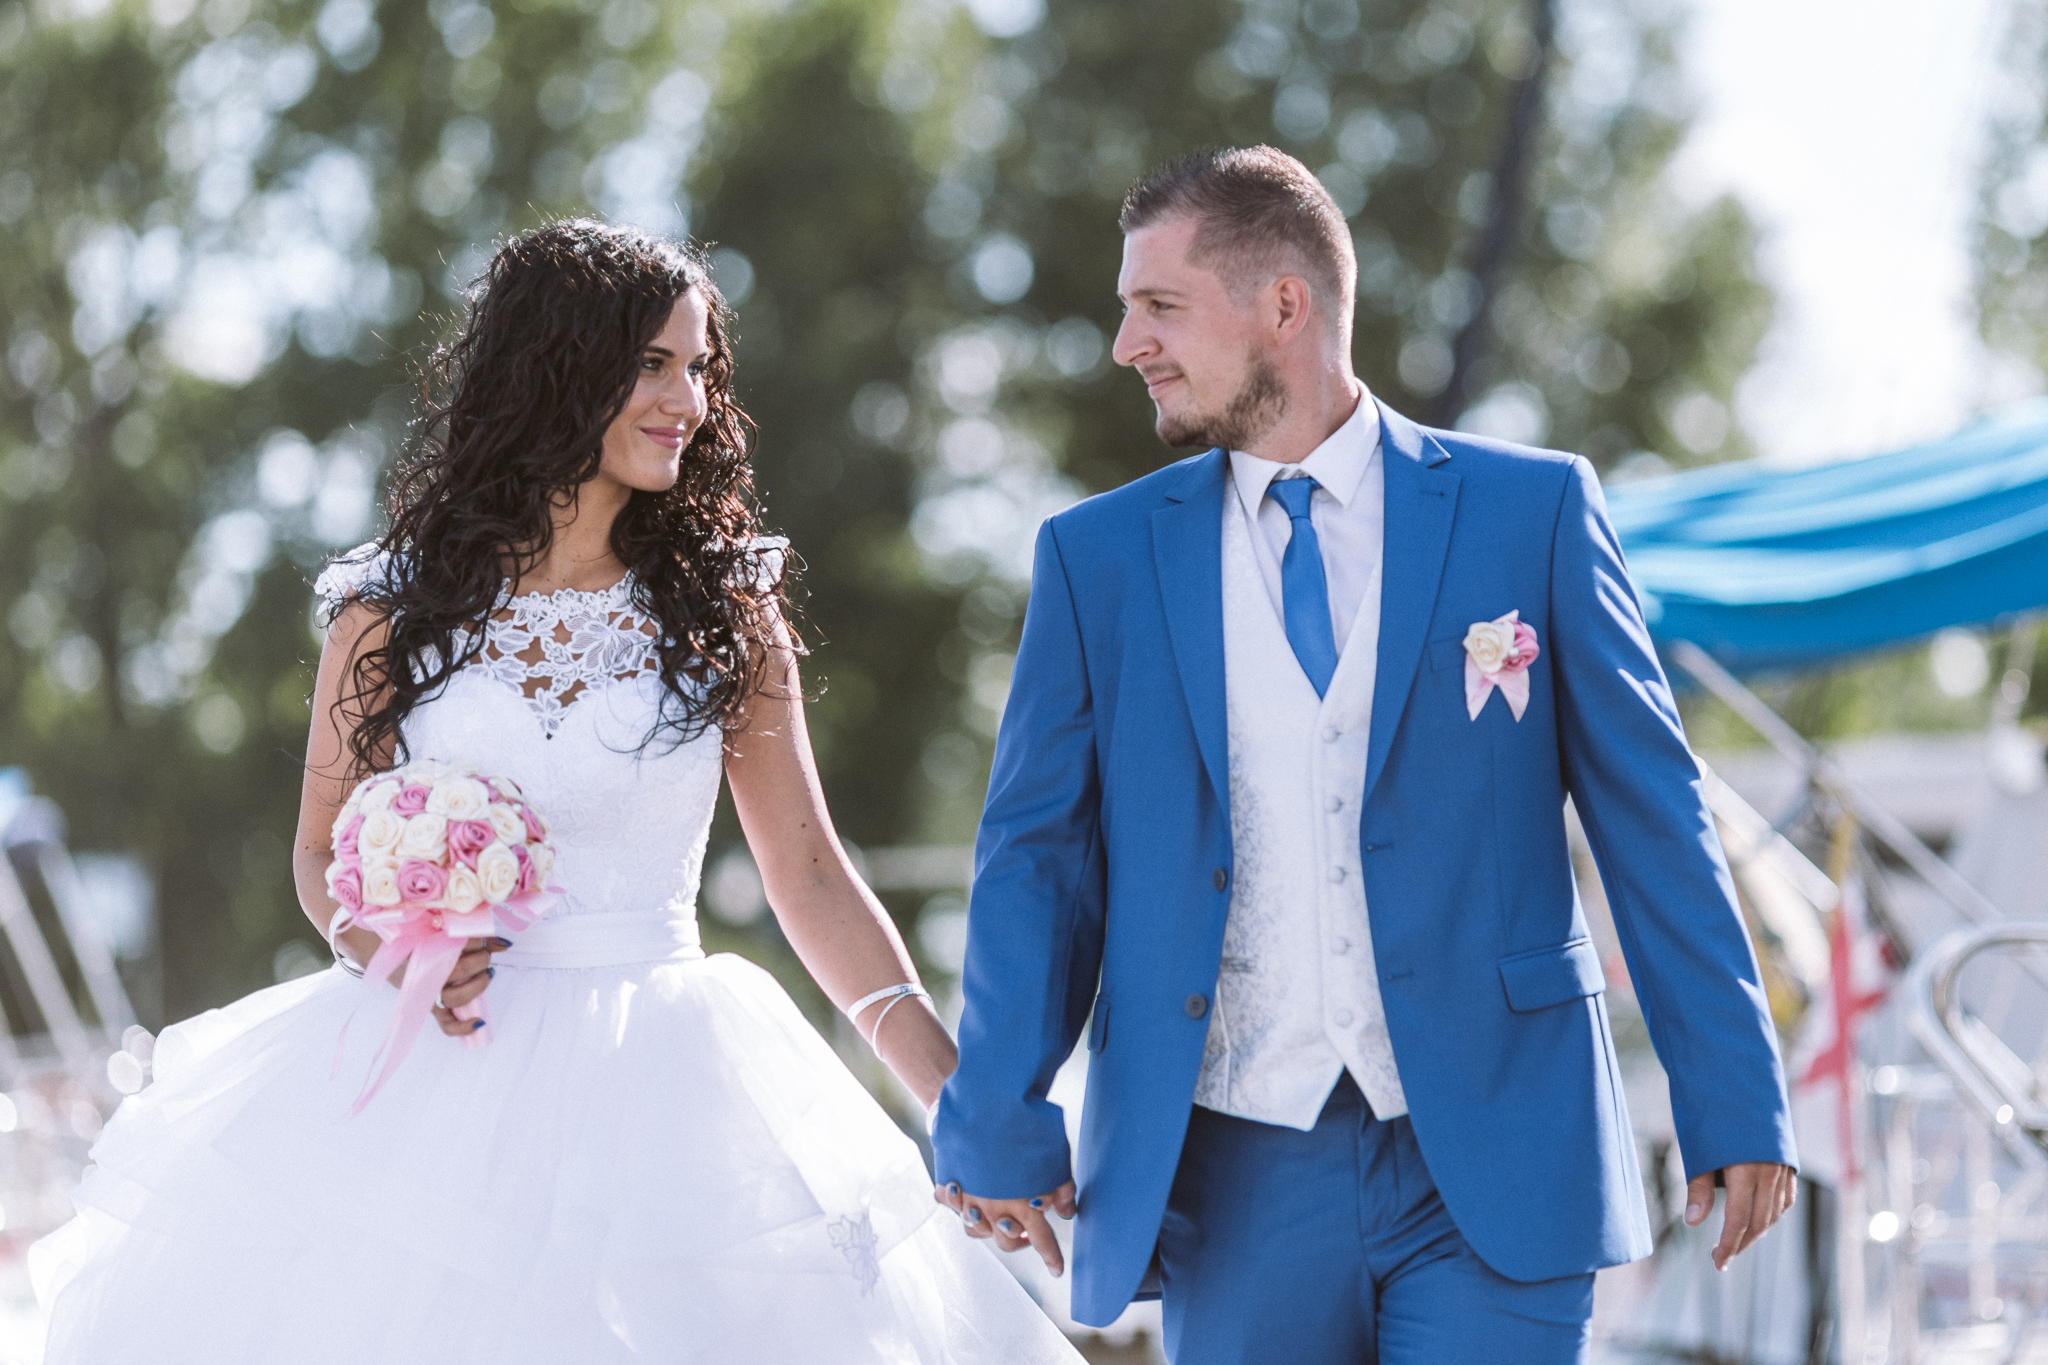 FylepPhoto, esküvőfotózás, magyarország, esküvői fotós, vasmegye, prémium, jegyesfotózás, Fülöp Péter, körmend, kreatív 14.jpg